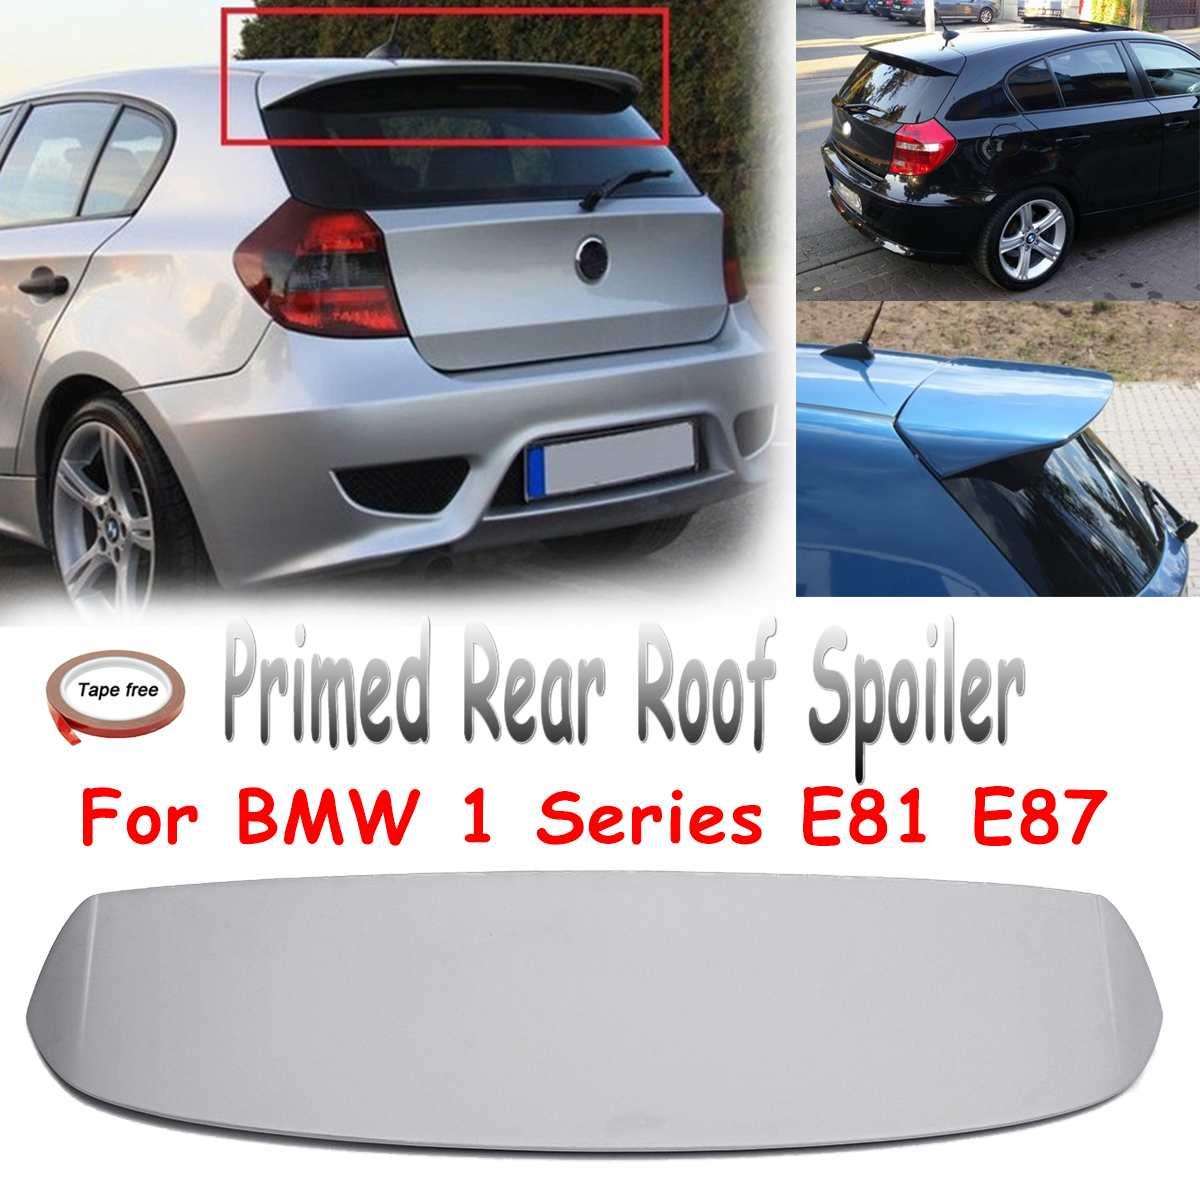 Alerón trasero sin pintar para techo, alerón para maletero, alerón de fibra de vidrio apto para BMW 1 serie E81 E87 FRP